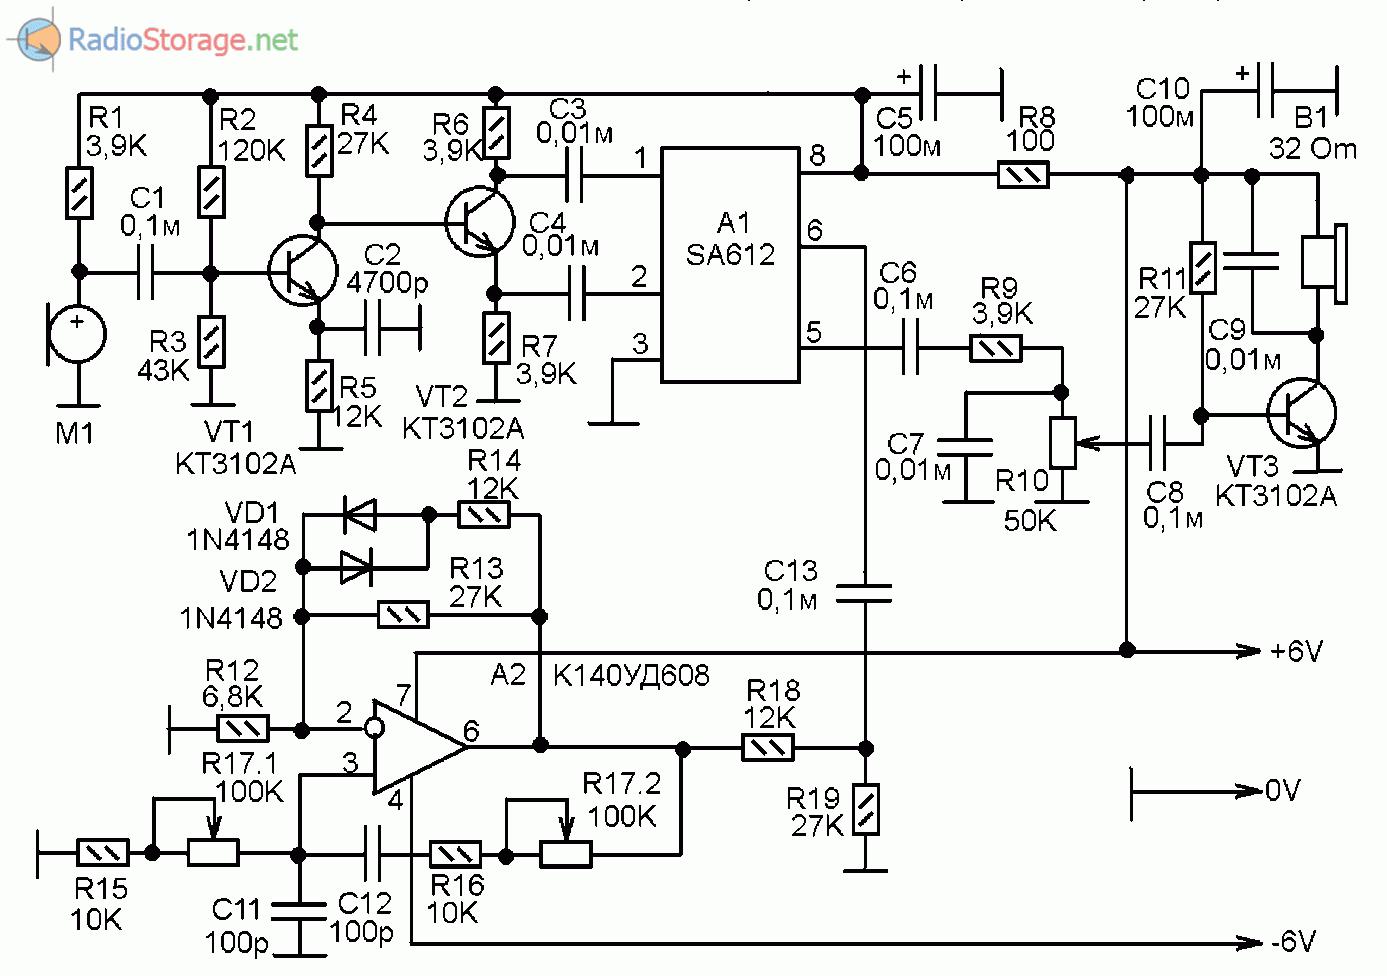 Схема усилительно-перобразующего устройства для прослушивания ультразвука